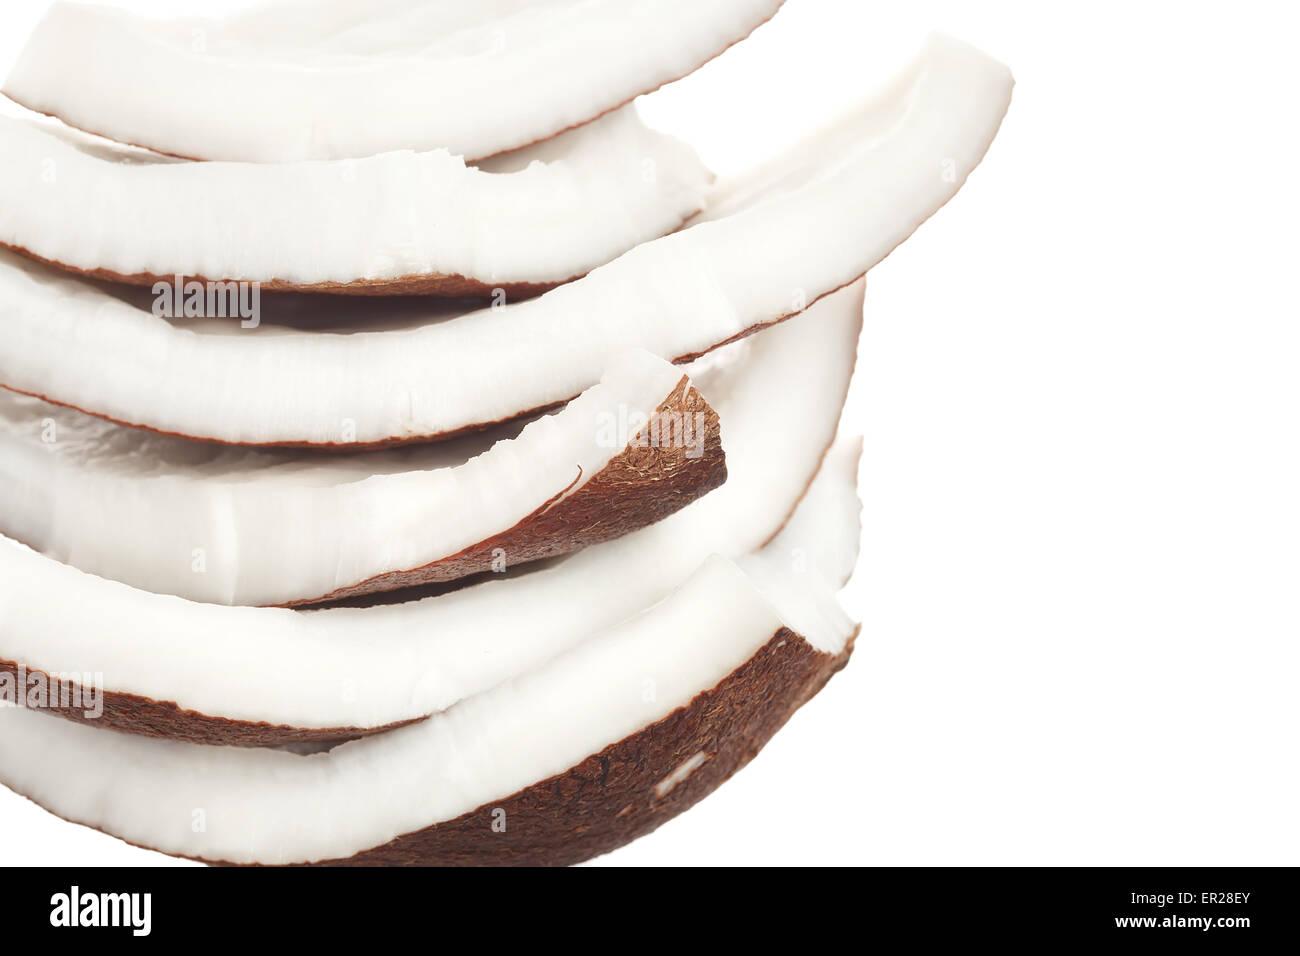 Lait de coco blanc fond isolé de l'ingrédient alimentaire sain nature douce Photo Stock